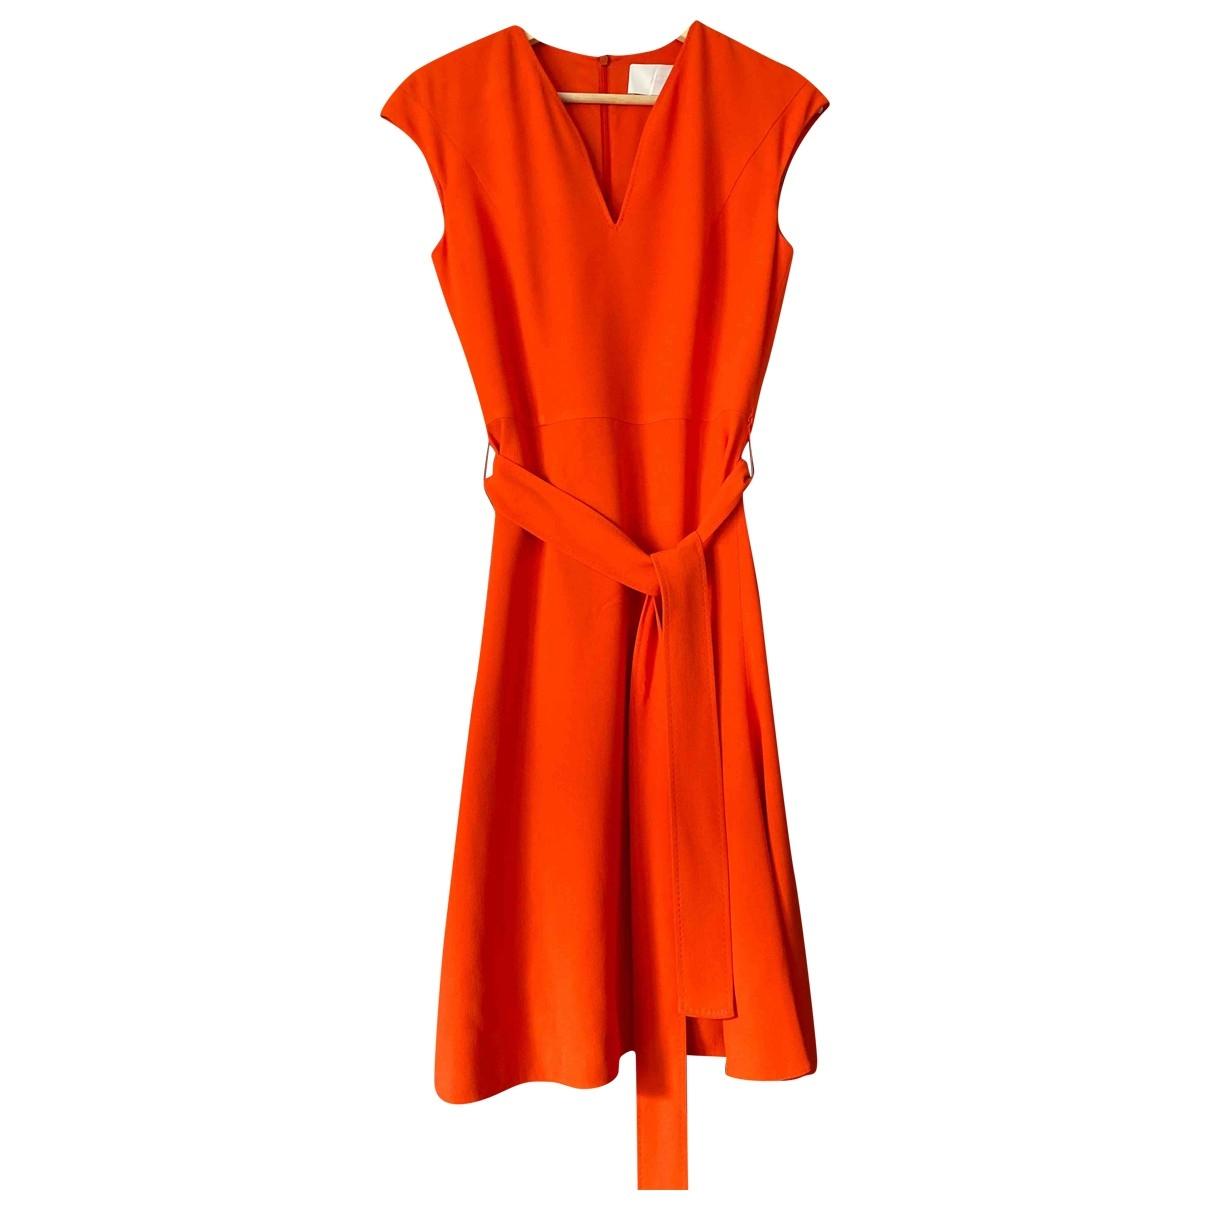 Hugo Boss \N Orange dress for Women 36 FR